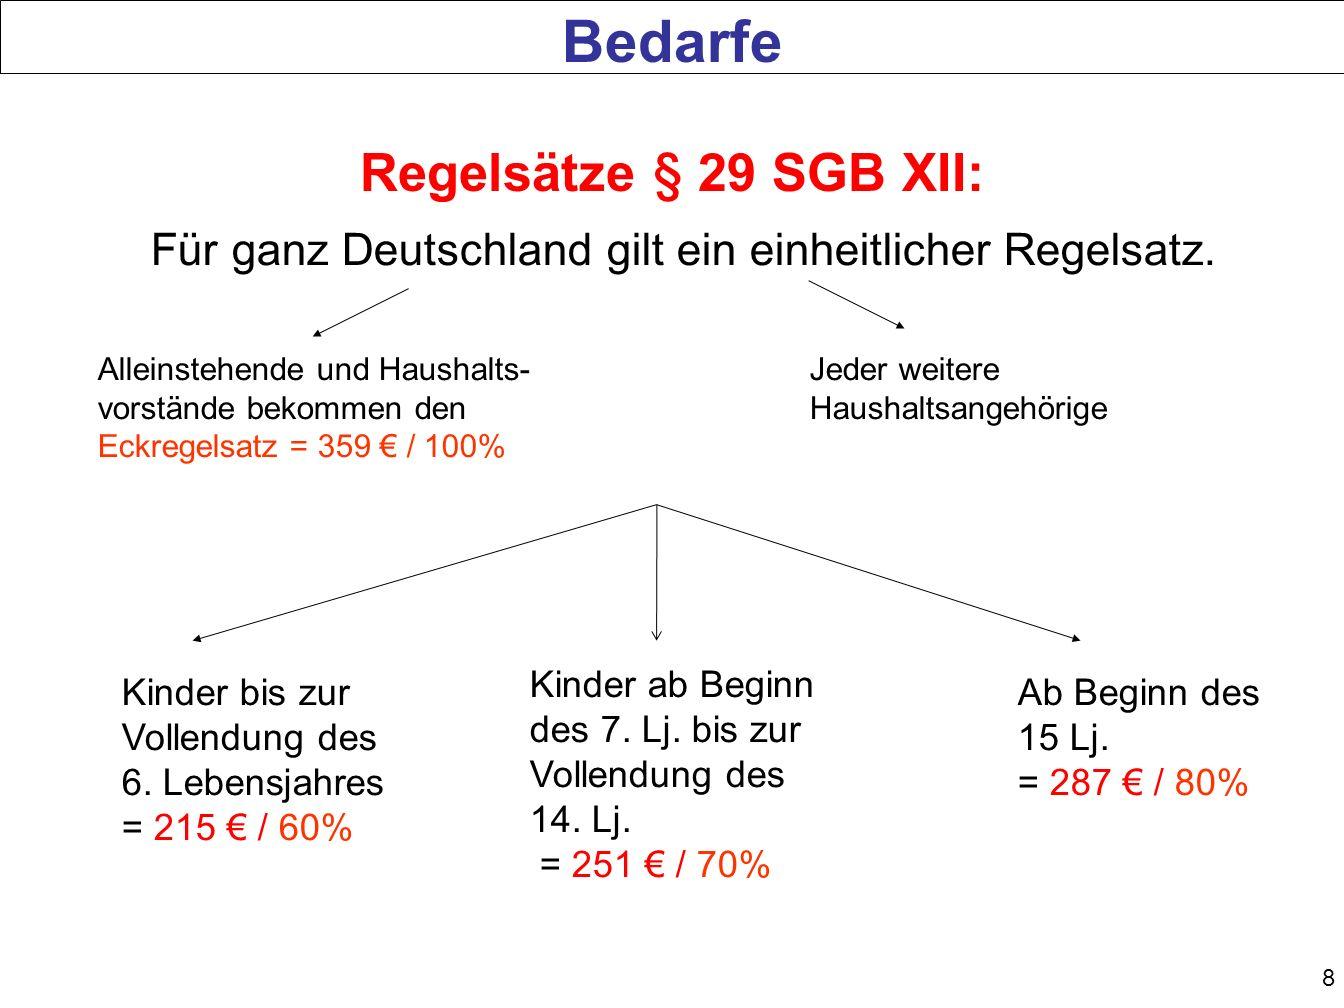 8 Bedarfe Regelsätze § 29 SGB XII: Für ganz Deutschland gilt ein einheitlicher Regelsatz. Alleinstehende und Haushalts- vorstände bekommen den Eckrege